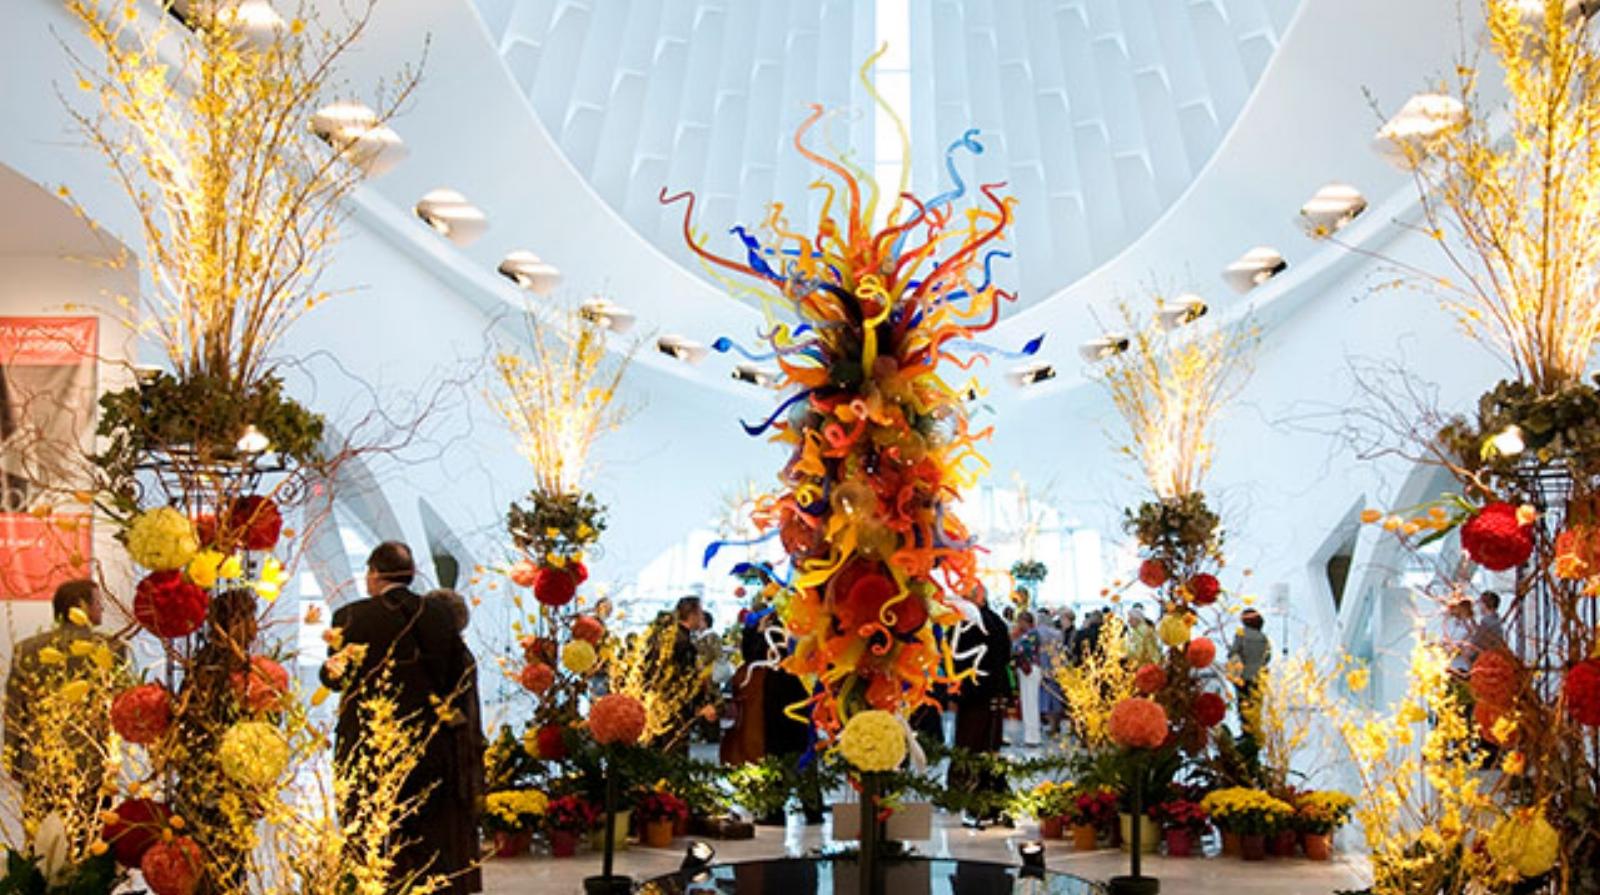 Art in Bloom exhibit in Windhover Hall - The Milwaukee Art Museum